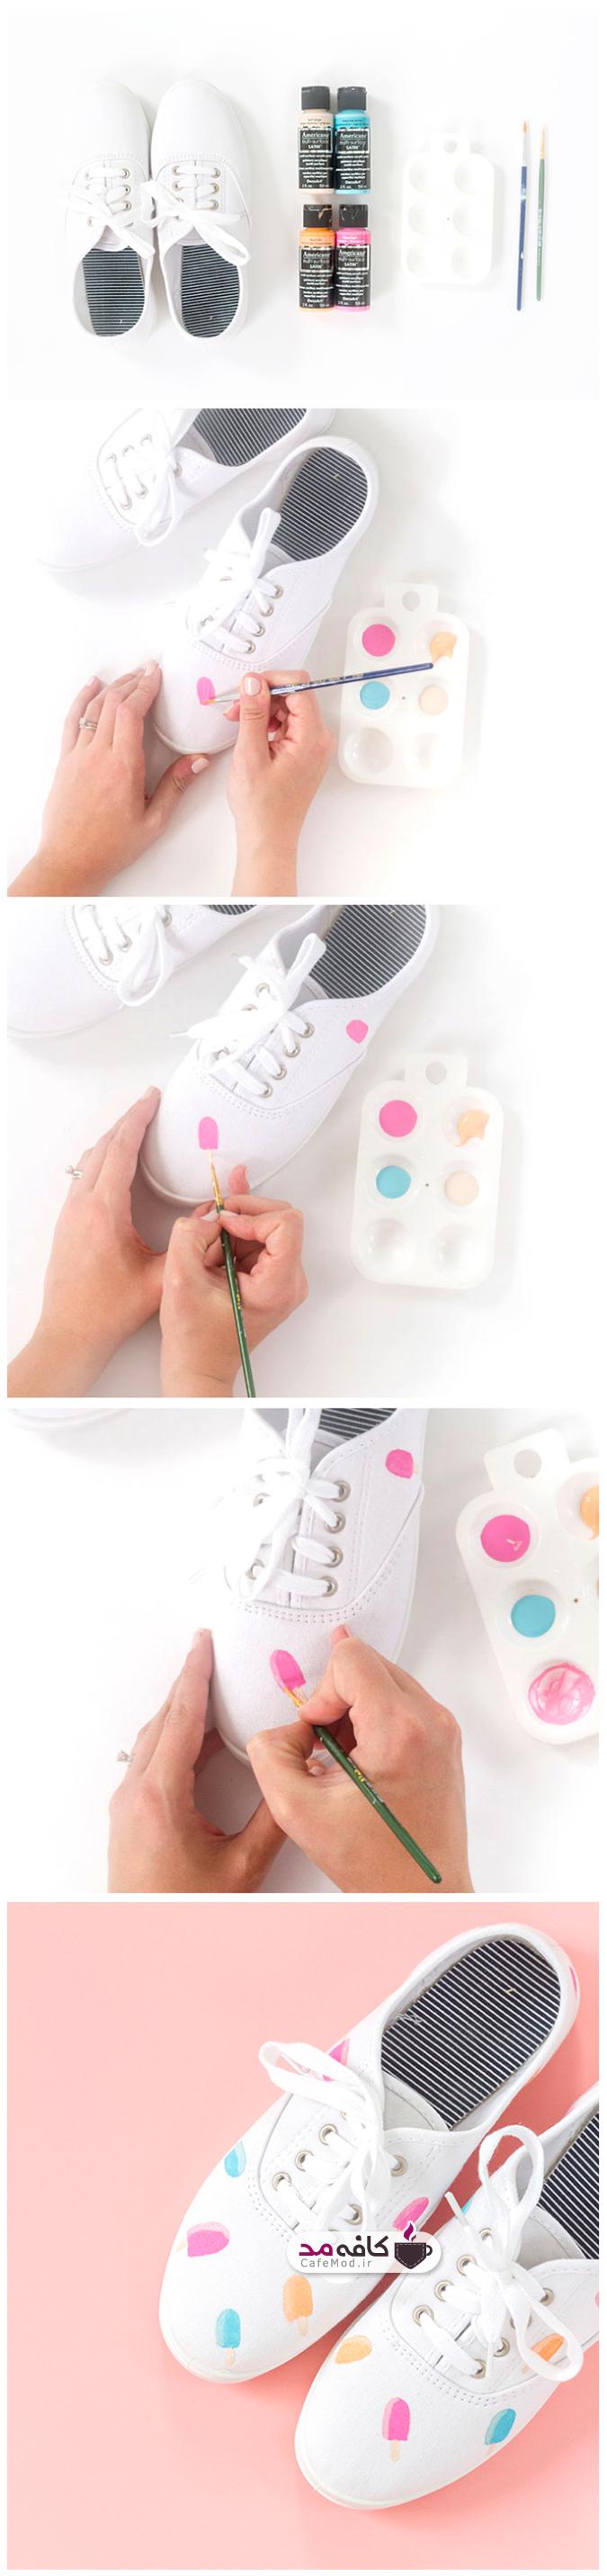 آموزش تصویری نقاشی طرح بستنی روی کفش